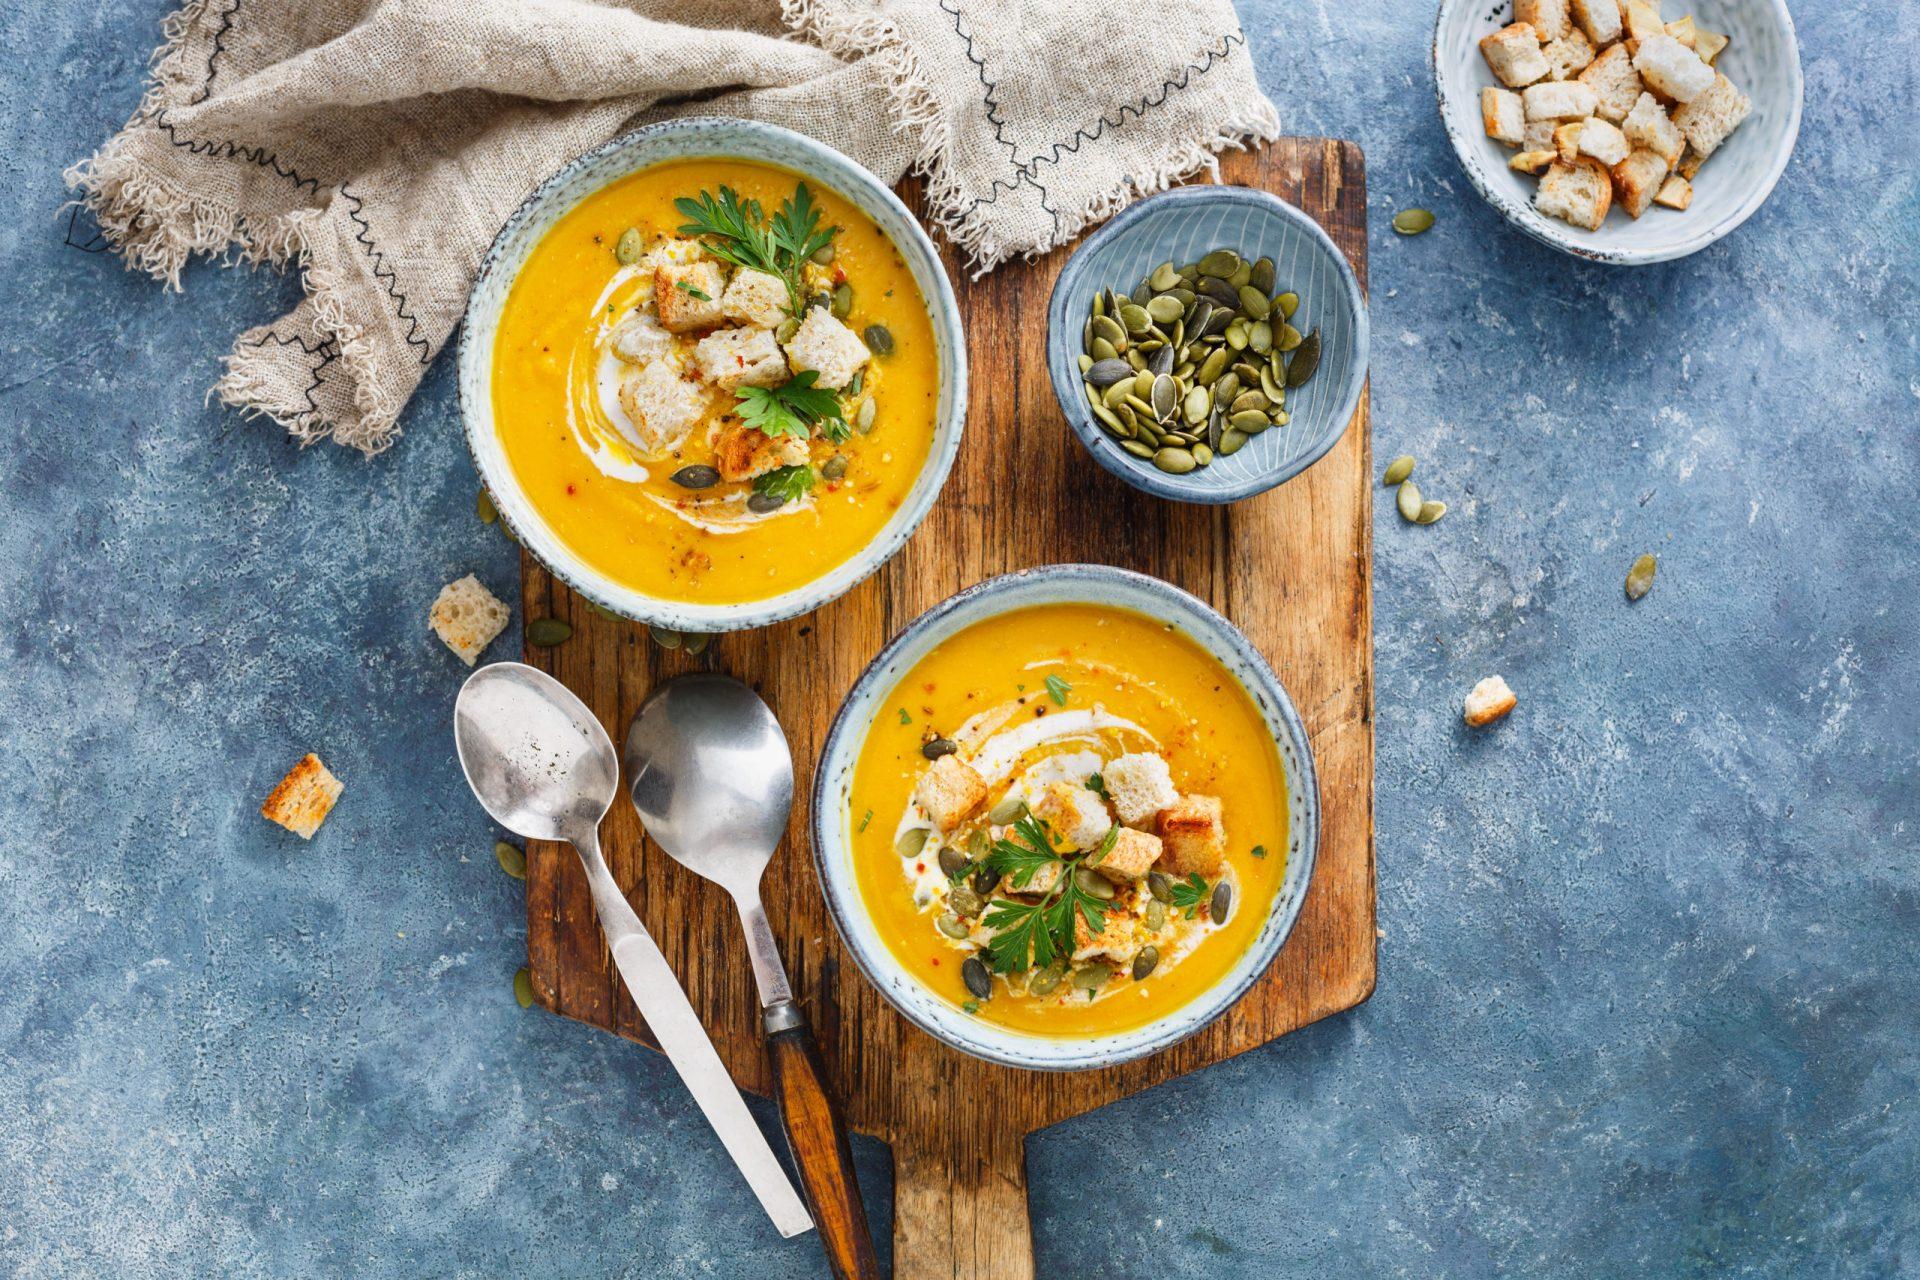 Les soupes et veloutés, les plaisirs d'hiver